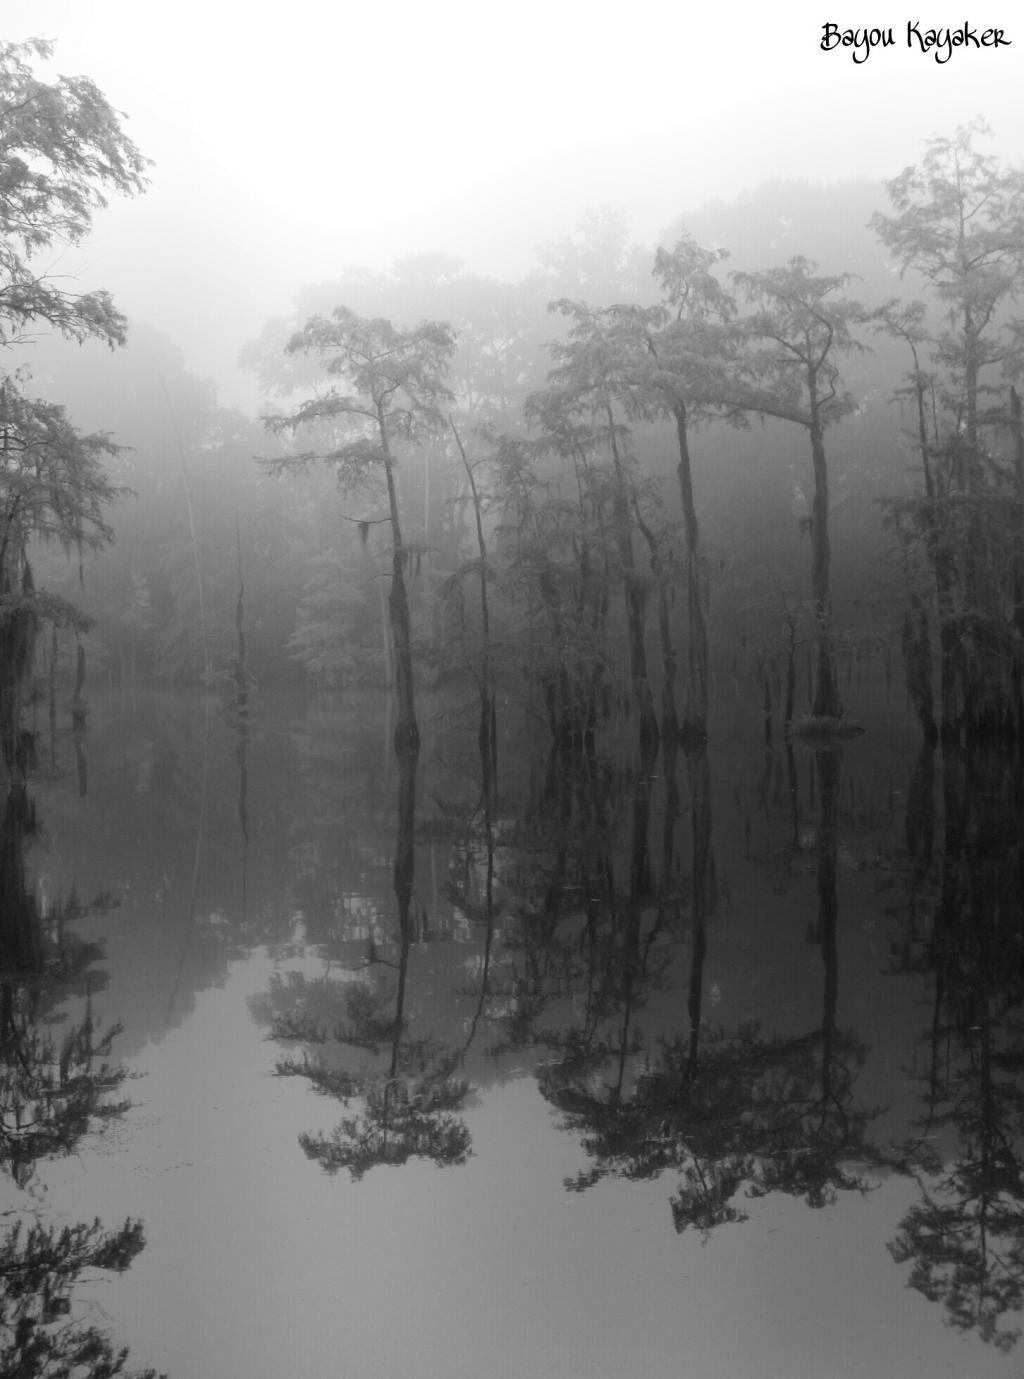 Bw foggy bayou desiard morning in monroe louisiana with